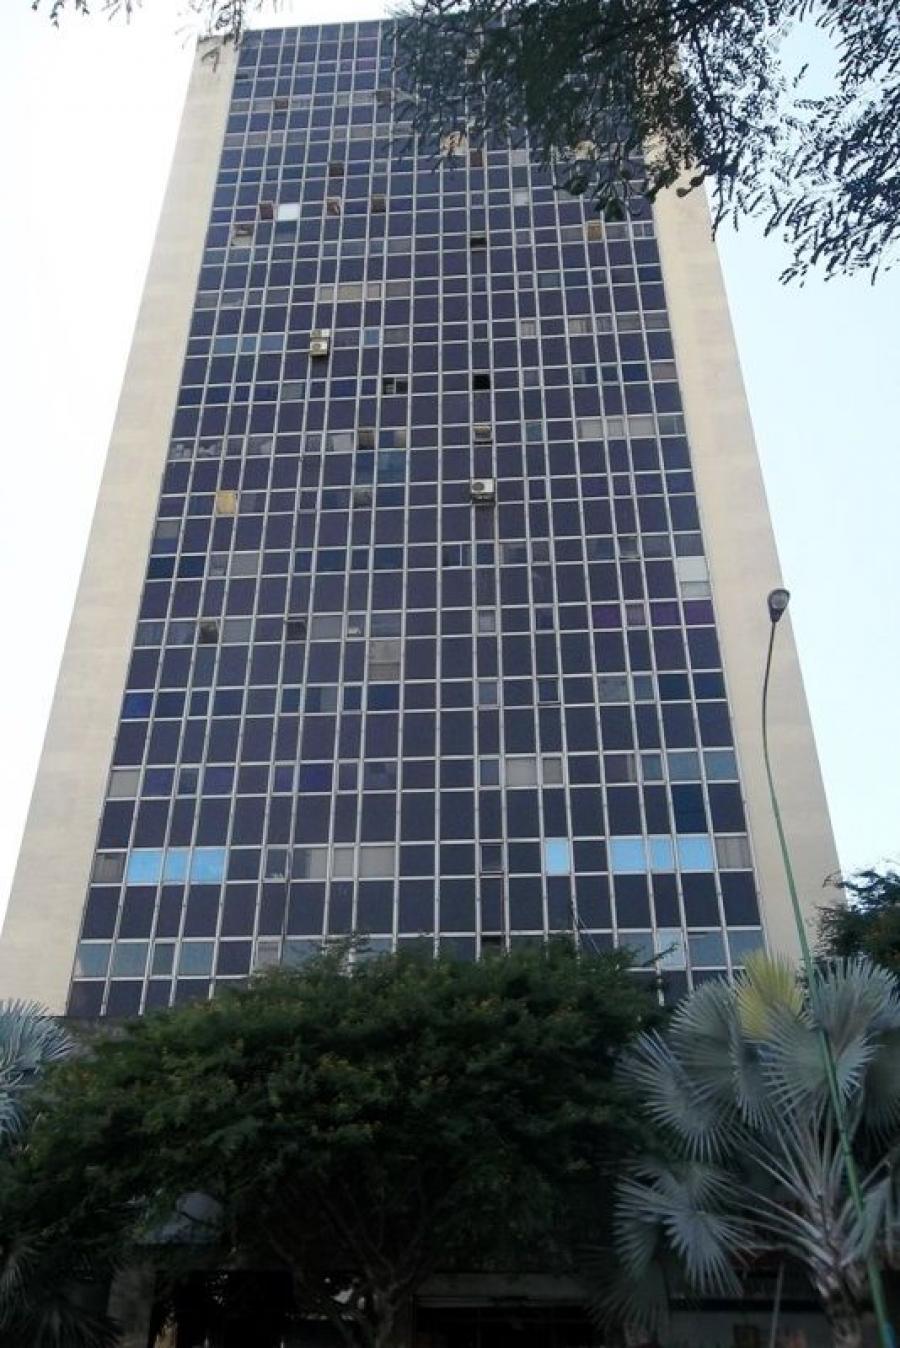 Foto Oficina en Venta en Valencia, Carabobo - 89 m2 - BsF 35.000 - OFV114892 - BienesOnLine